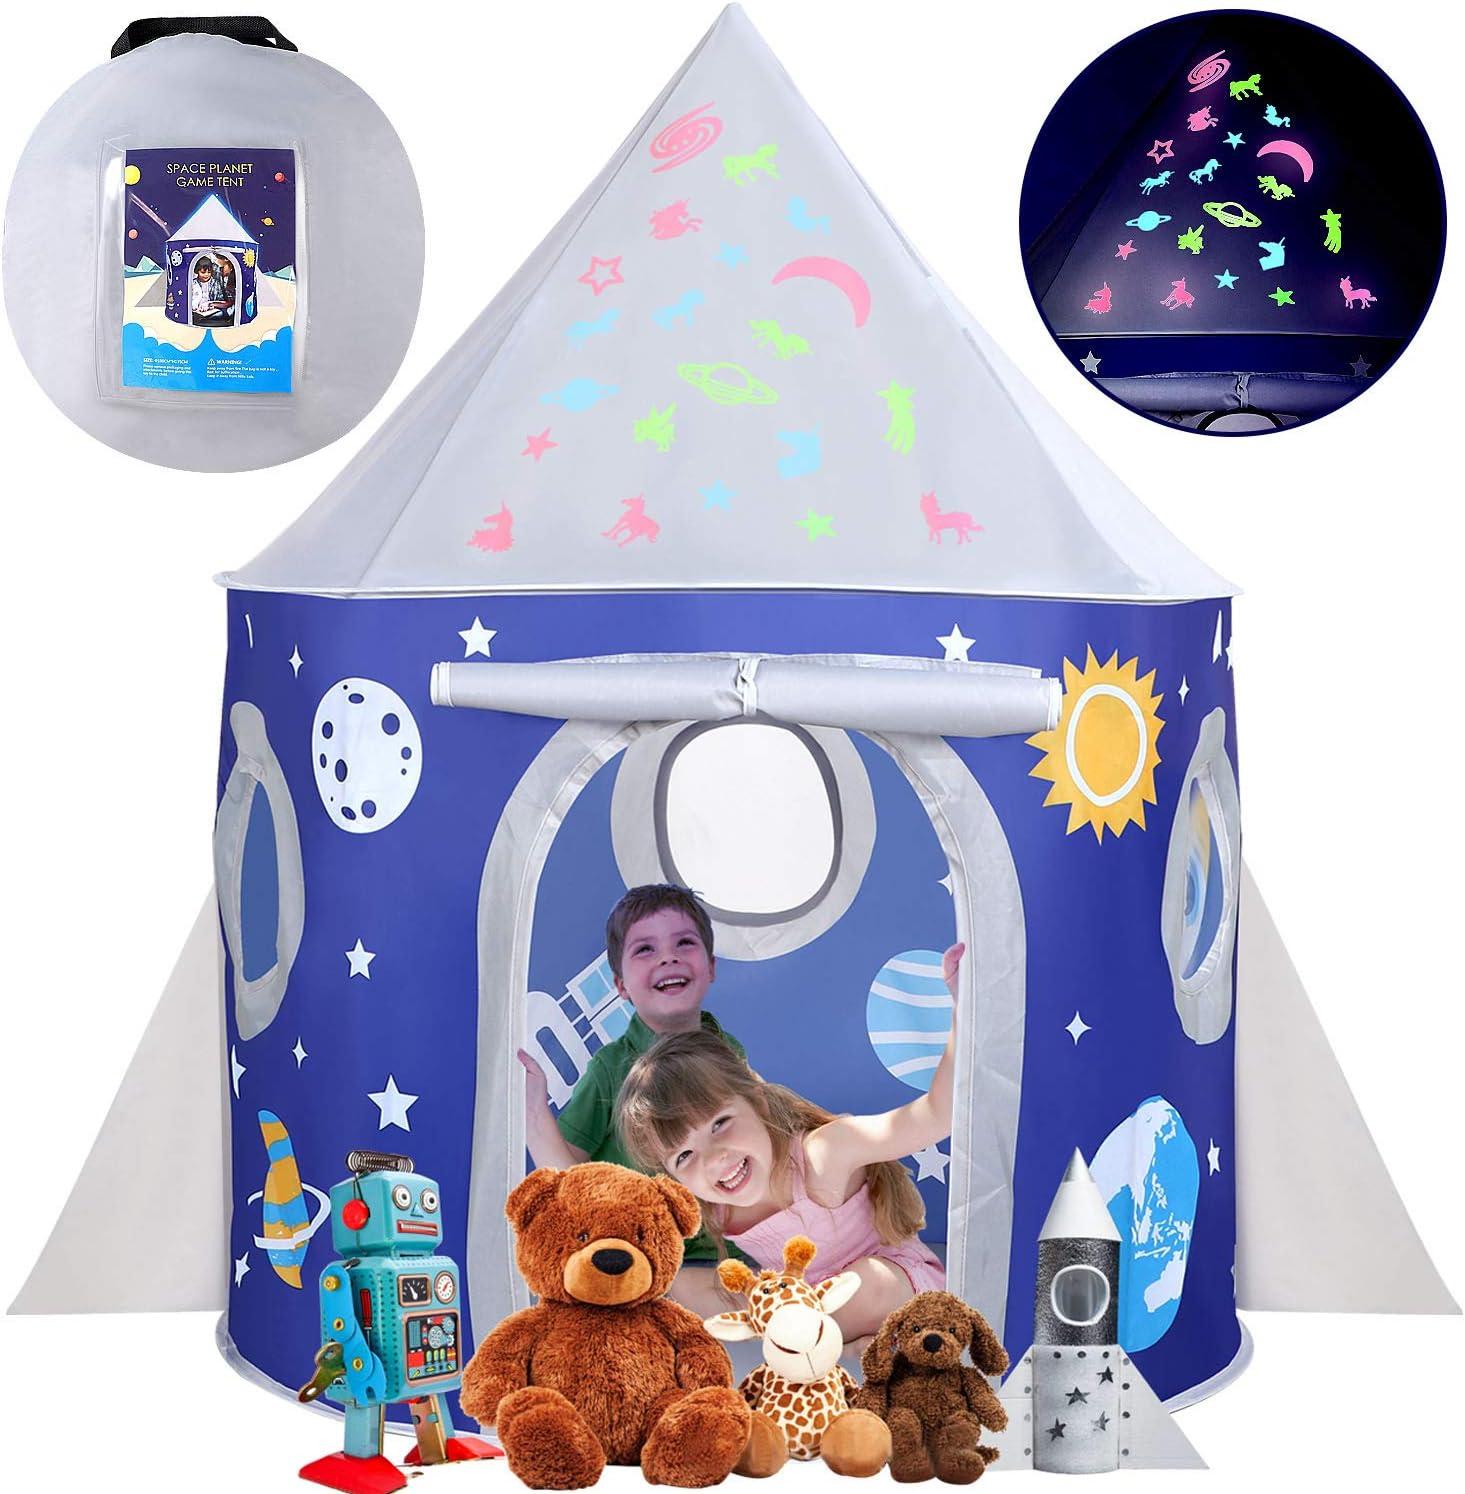 Tienda Infantil Rocket Cabaña Infantil con Estrellas Castillo Casita Infantil para Interiores y Exteriores Pop up portátil Tienda con Bolsa de Transporte para Niñas Niño